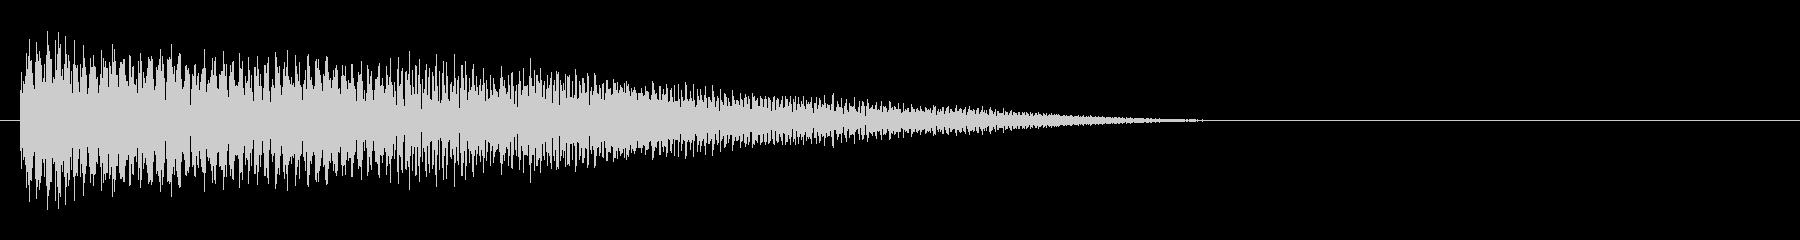 下降する、細長い、ハワイアンギター...の未再生の波形